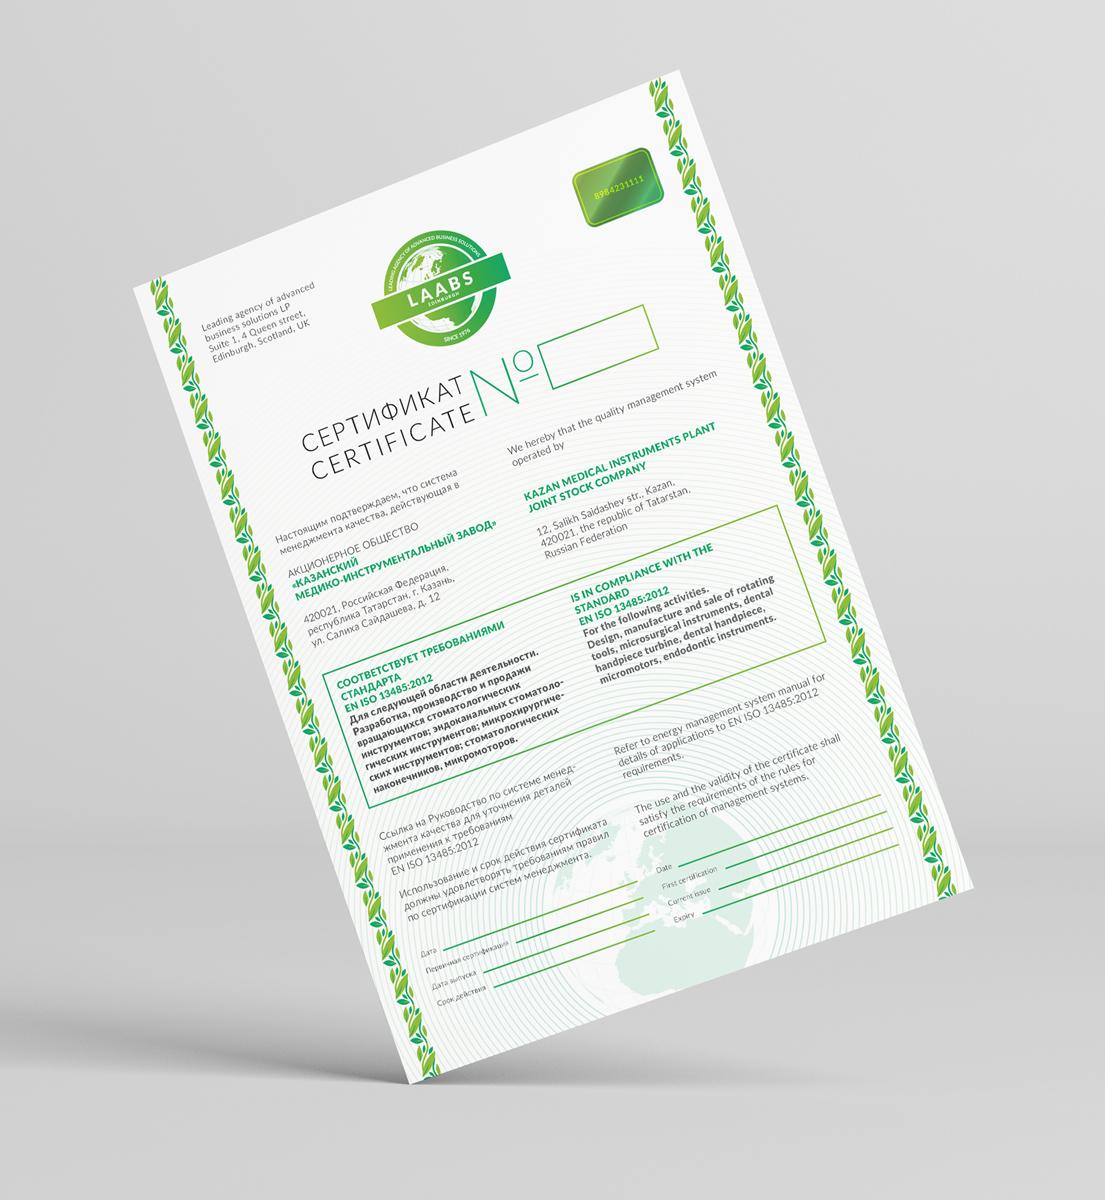 Необходимо разработать дизайн 3 сертификатов фото f_6305885ddd63afc3.jpg